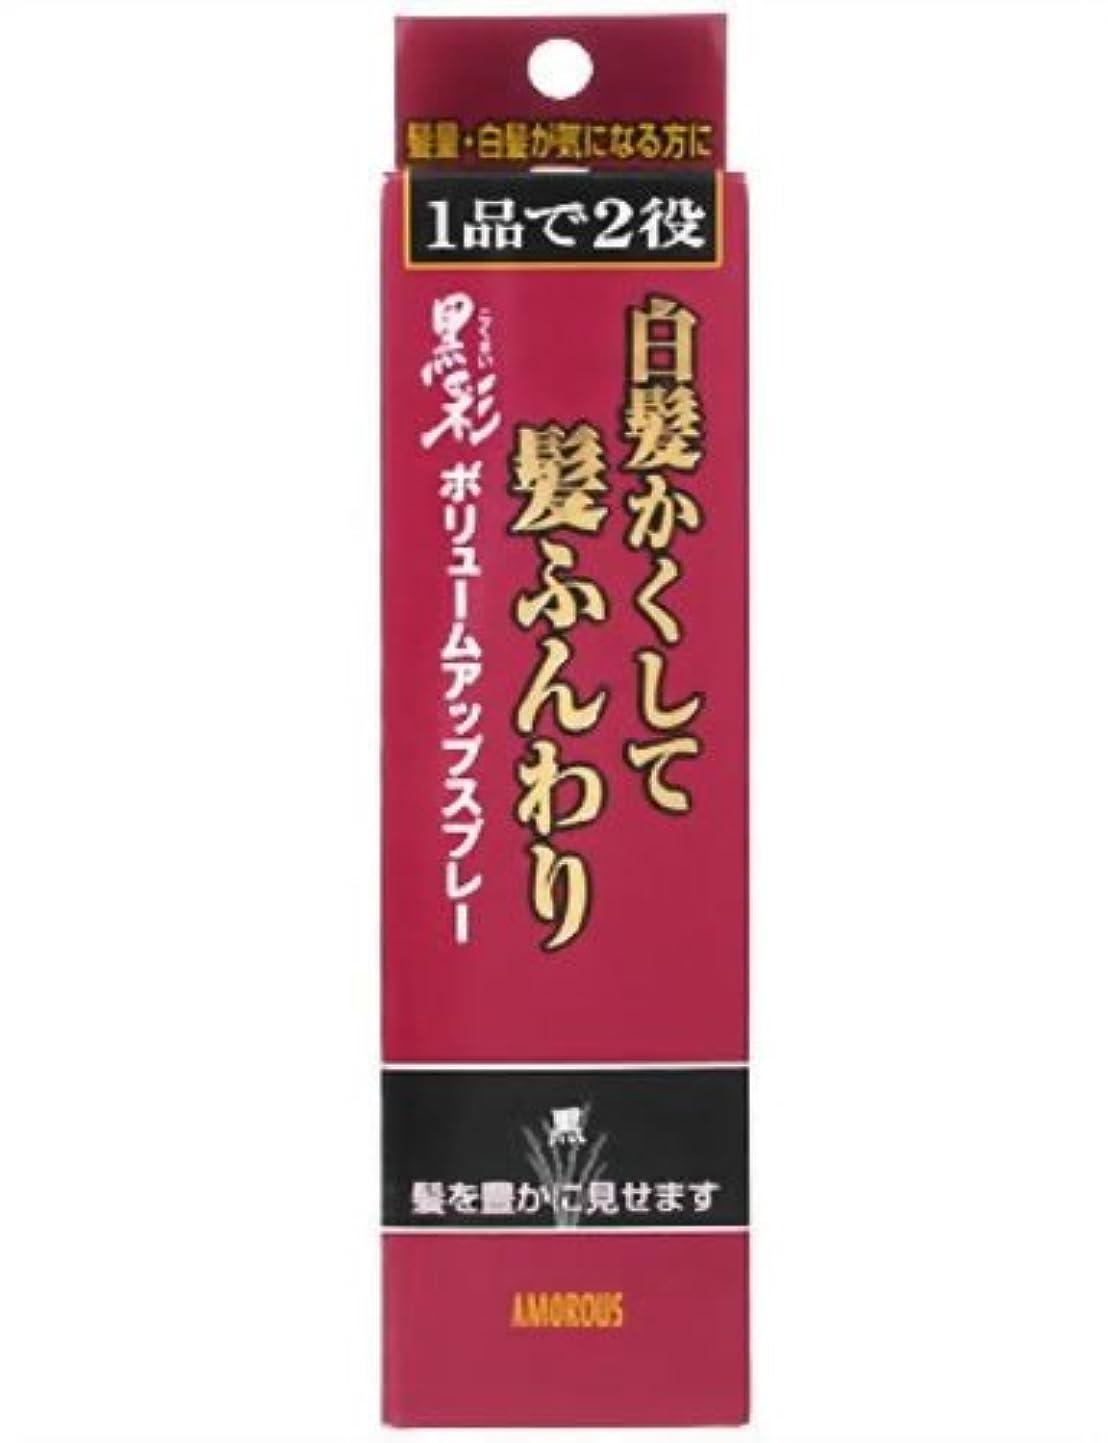 戻る大胆アカデミー黒彩 ボリュームアップスプレー 371 黒 142ML